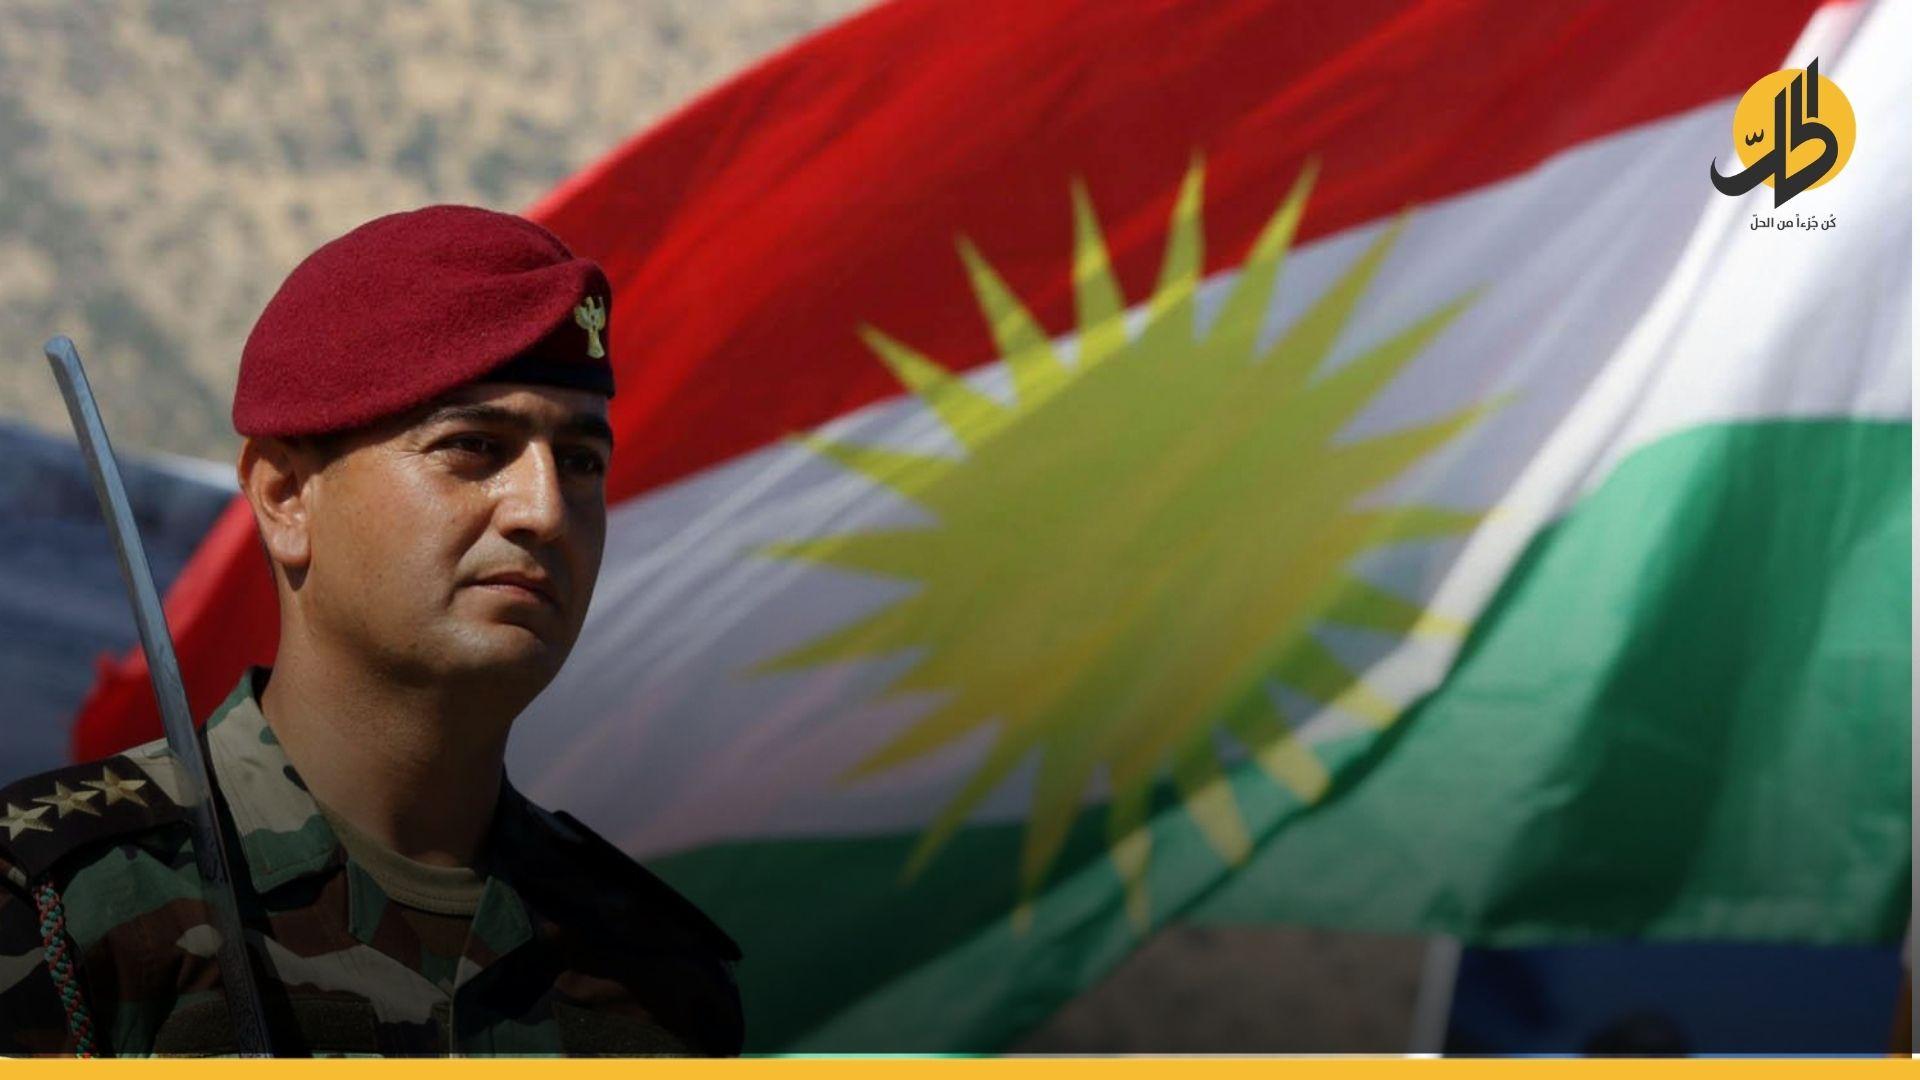 """الاقتتال """"الكردي الكردي"""" في العراق.. خطة تركية لتدمير كردستان"""